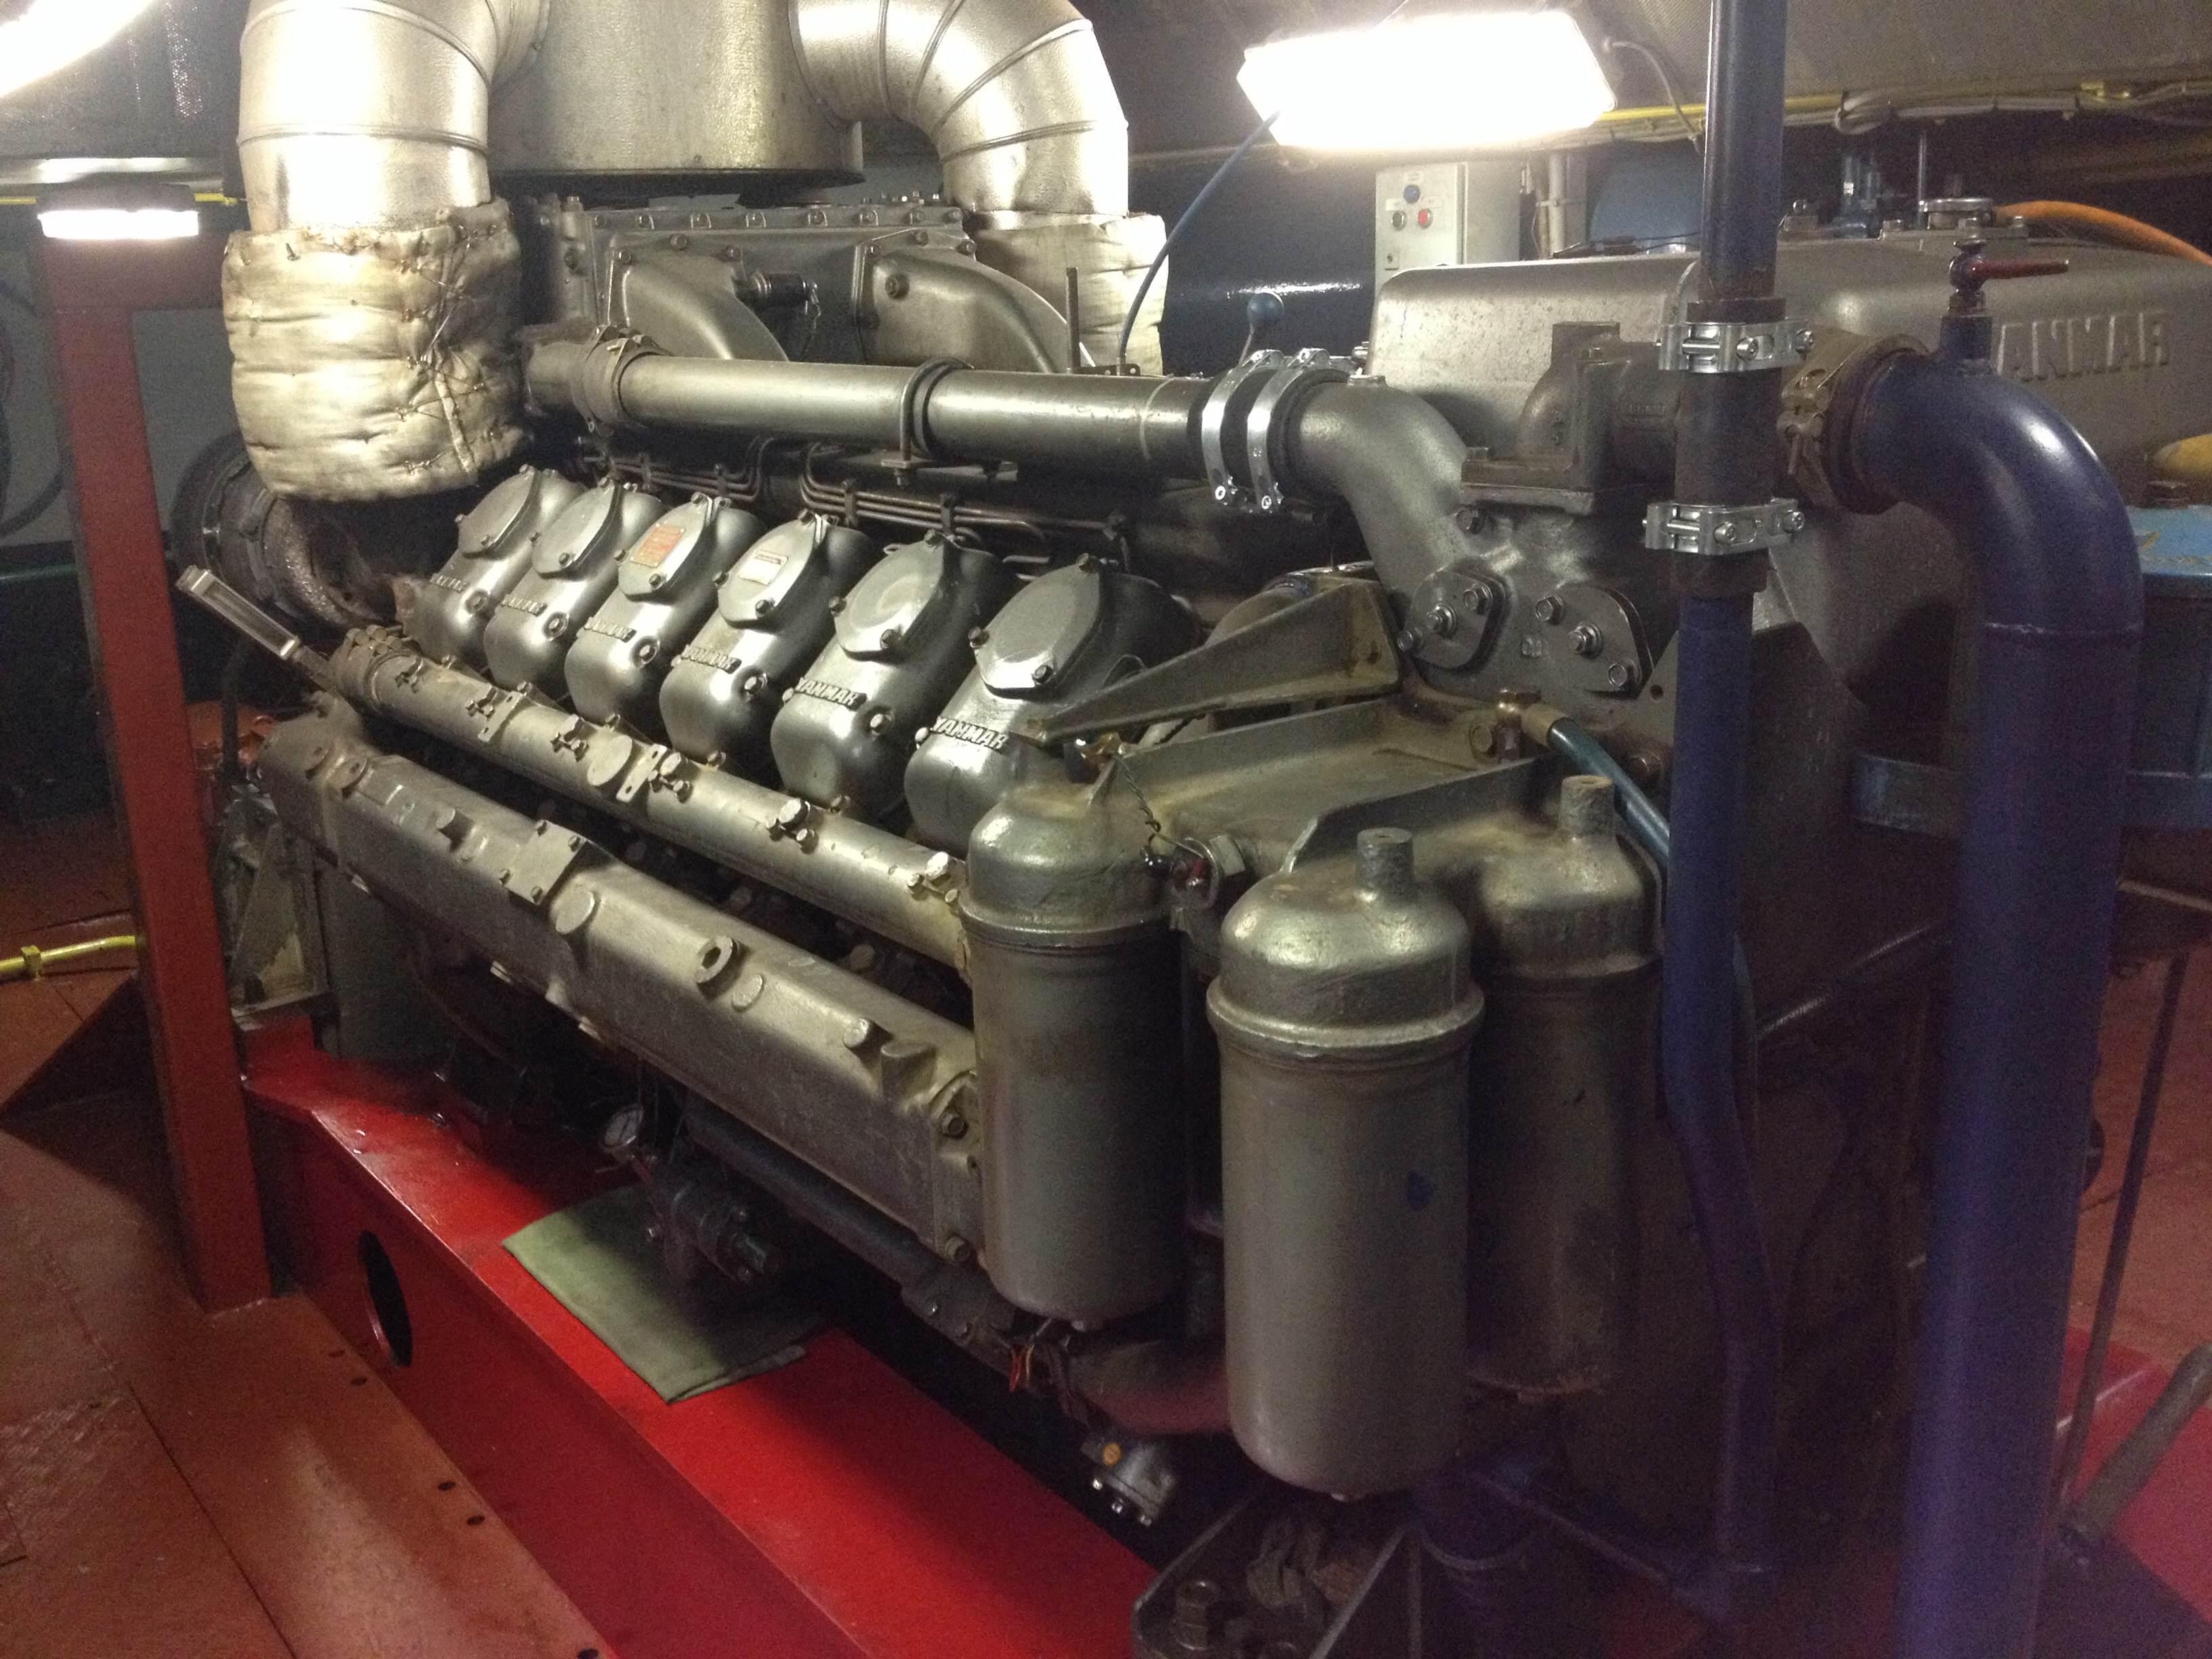 Belgian skipper praises his trusty Yanmar diesel - Yanmar Marine